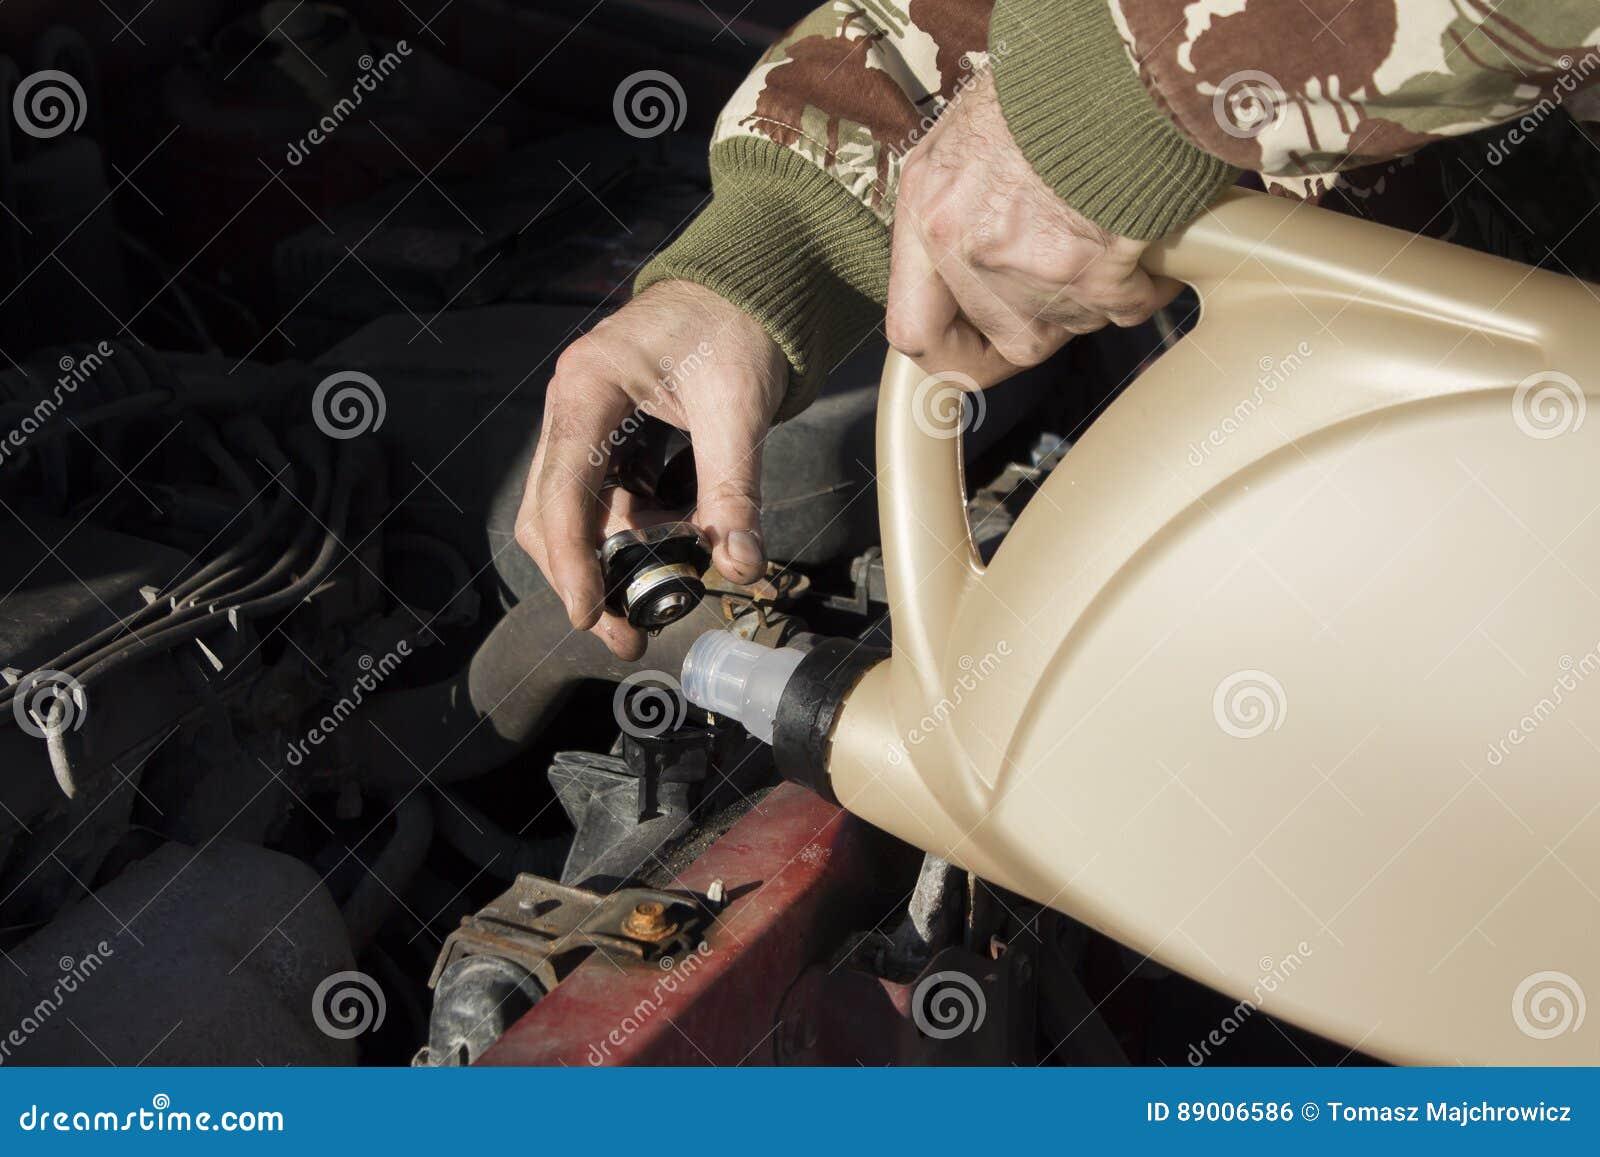 Mechanisch gietend koelmiddel aan de radiator Het mannetje maakt een lijst van het koelmiddel in het koelsysteem